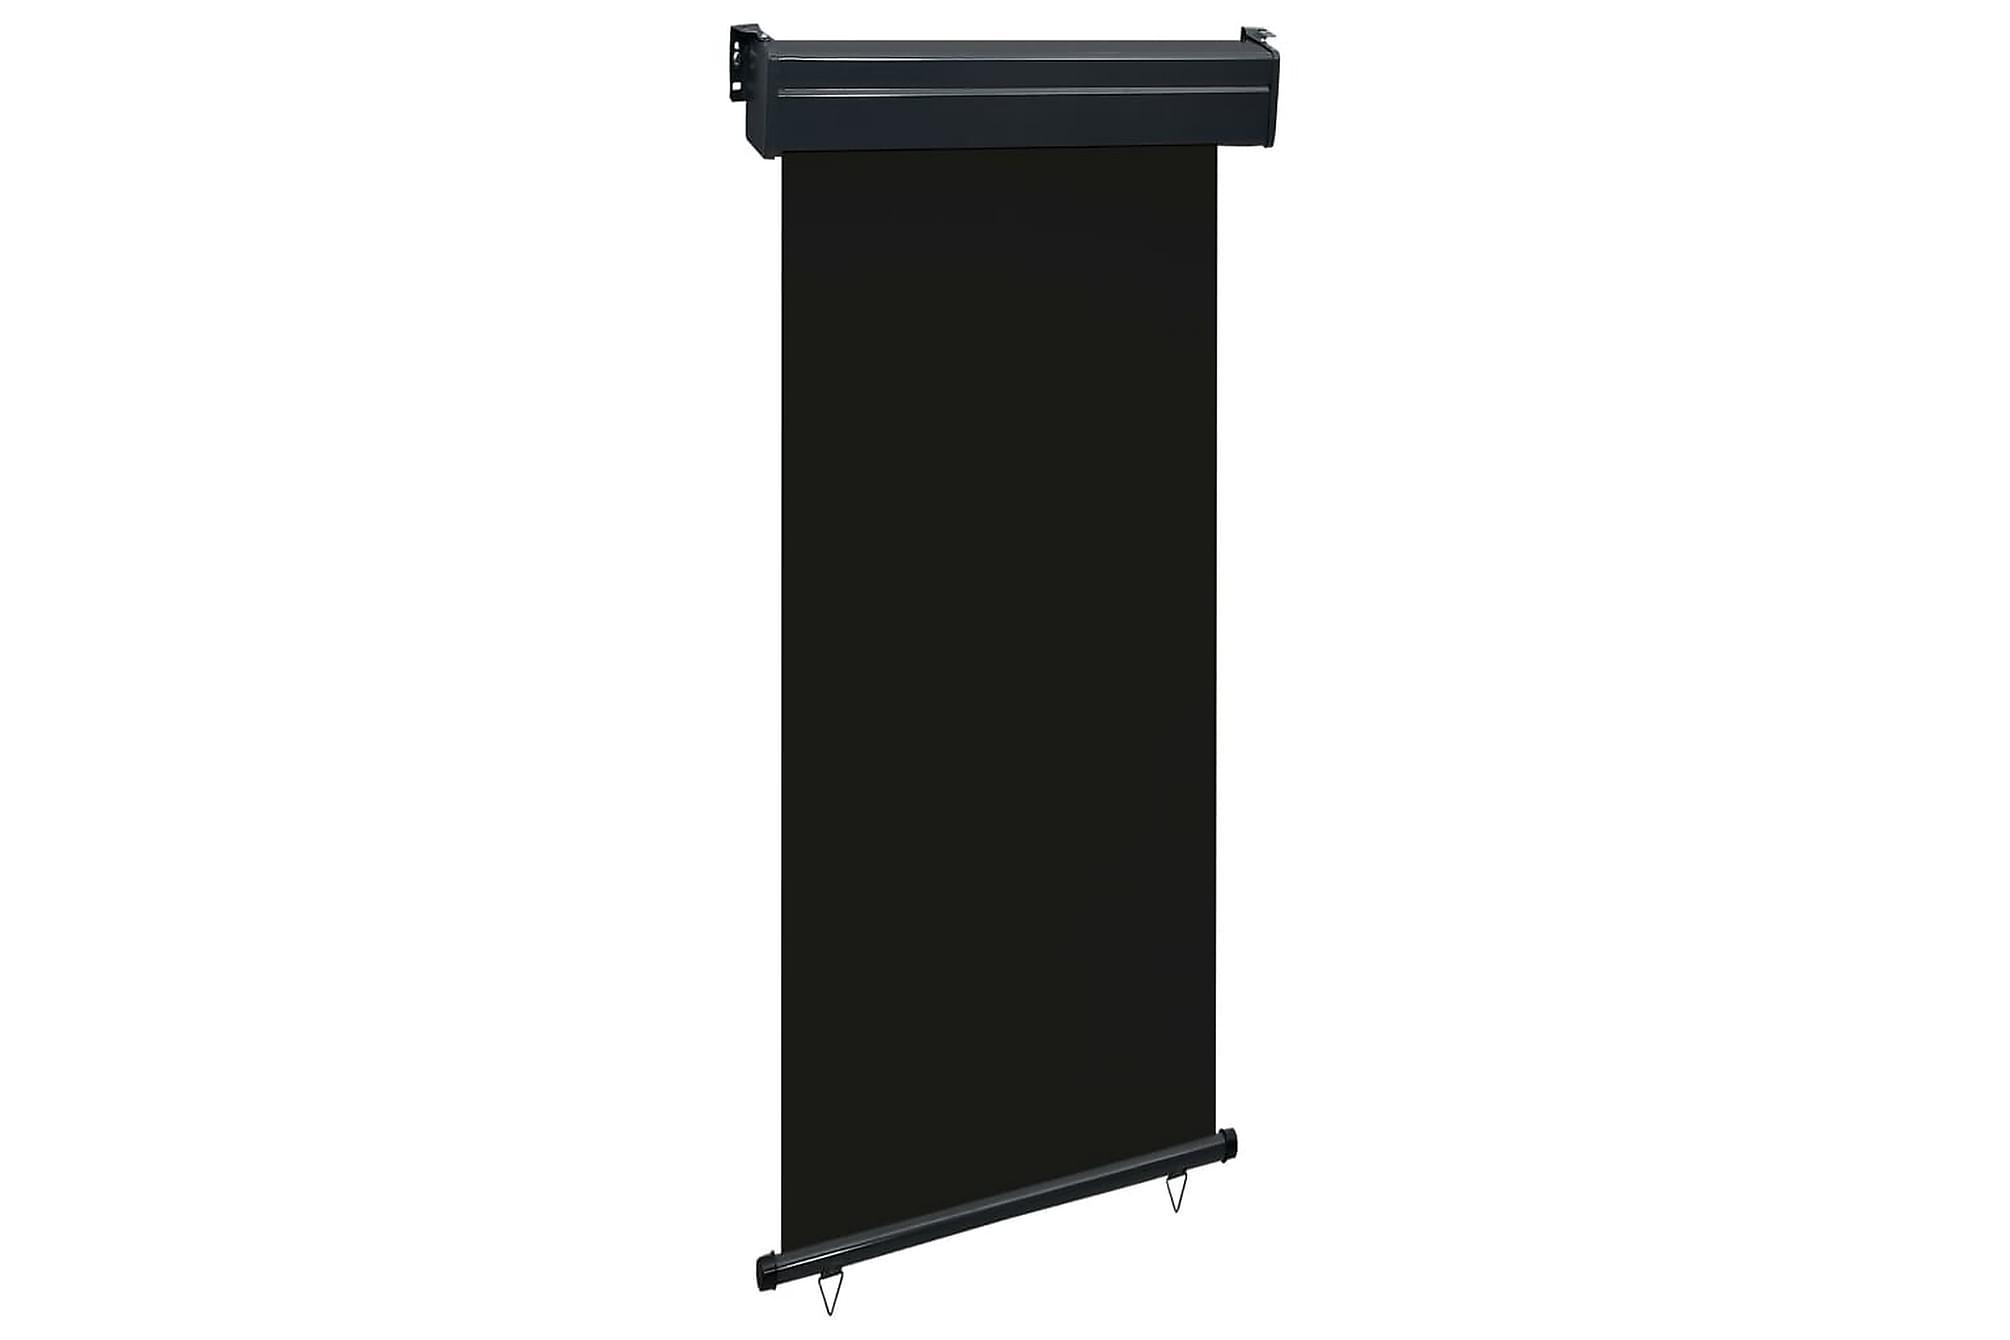 Balkongmarkis 100x250 cm svart, Markiser